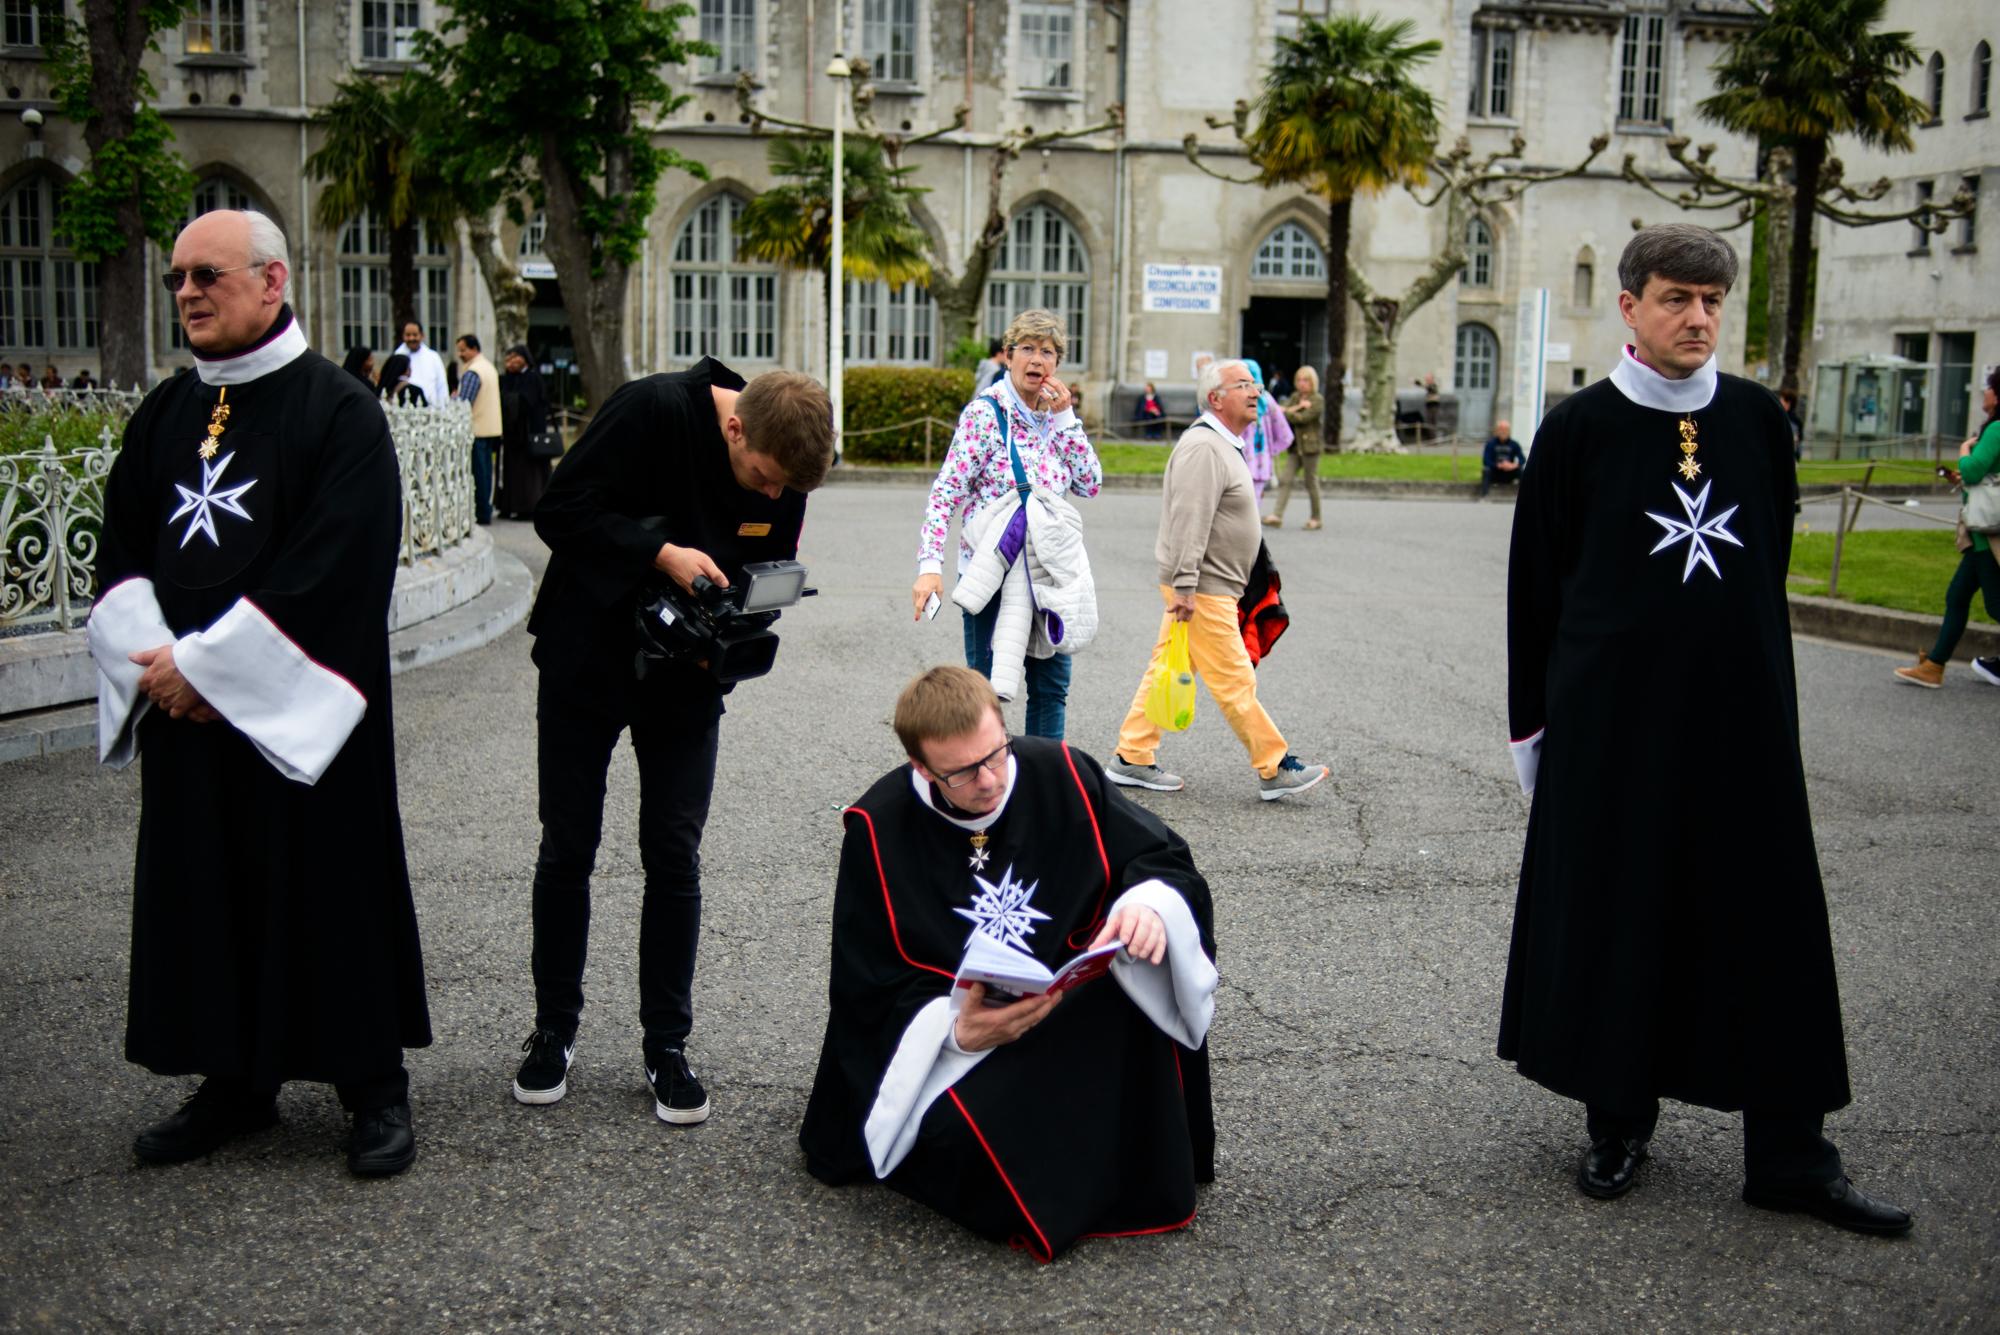 Kuba Stoszek filmuje przygotowania do procesji przed bazyliką. Kawalerowie ubrani w stroje religijne (fot. Piotr Idem)